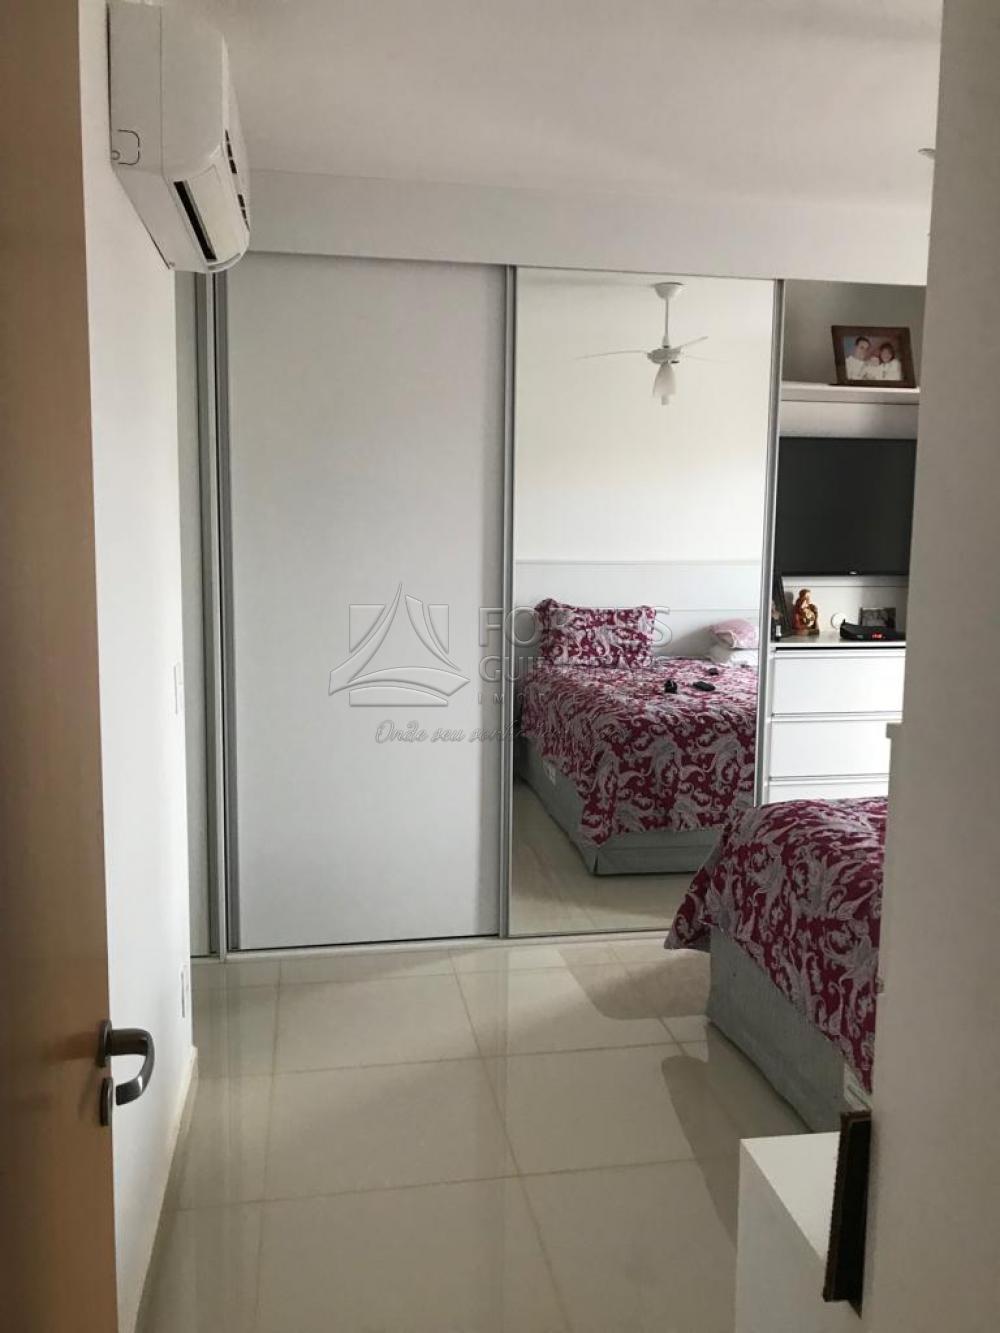 Alugar Apartamentos / Padrão em Ribeirão Preto apenas R$ 3.500,00 - Foto 10